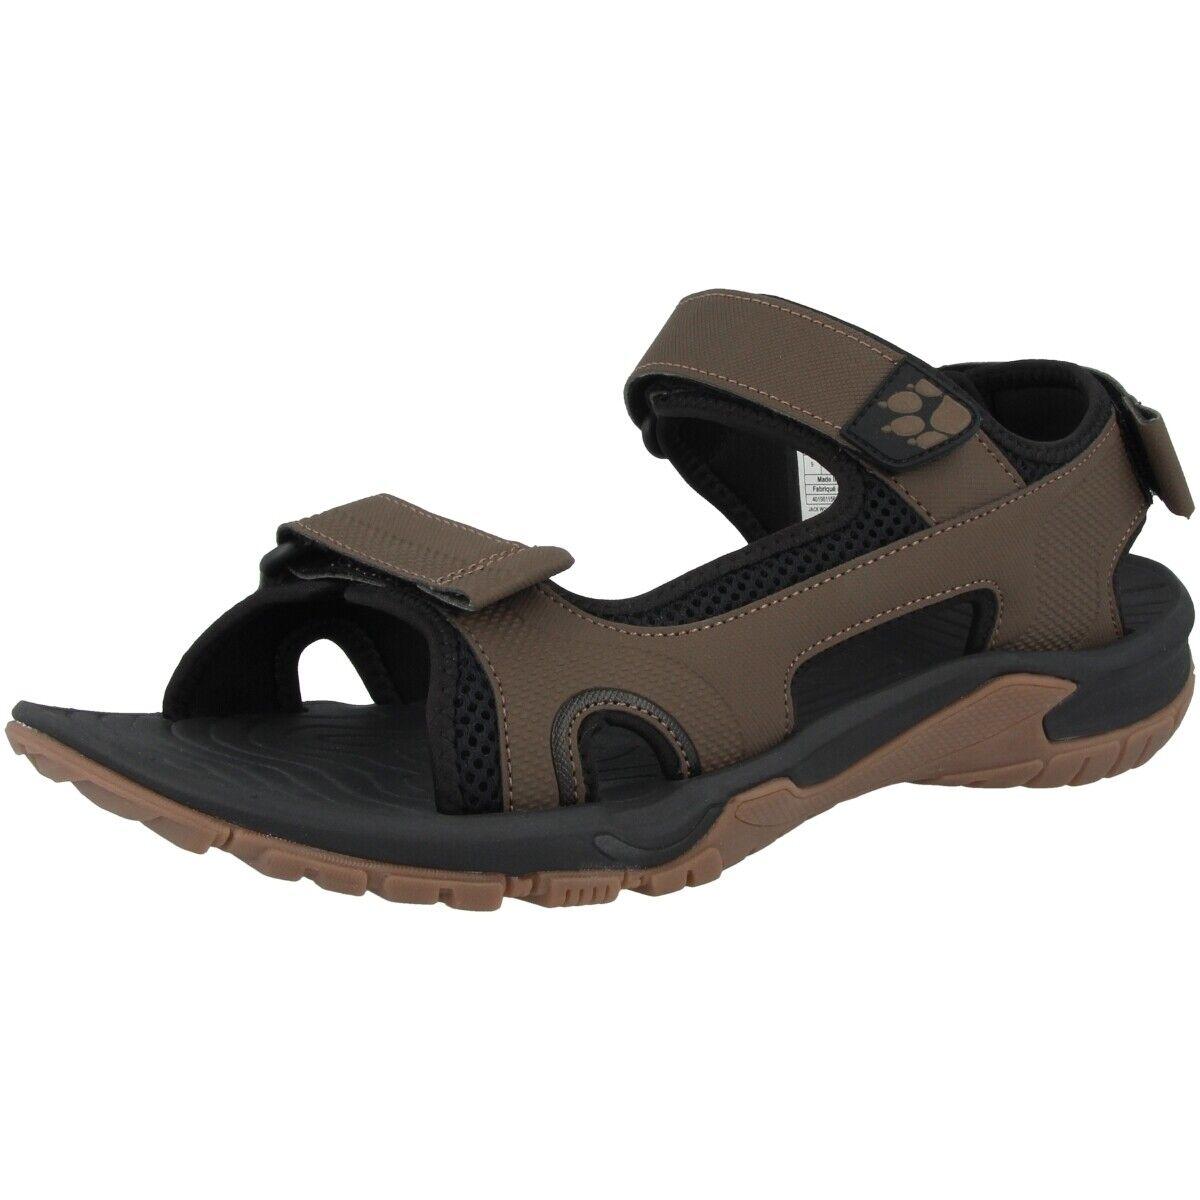 Jack Wolfskin Lakewood cruise Sandal Men señores outdoor sandalias 4019011-5690